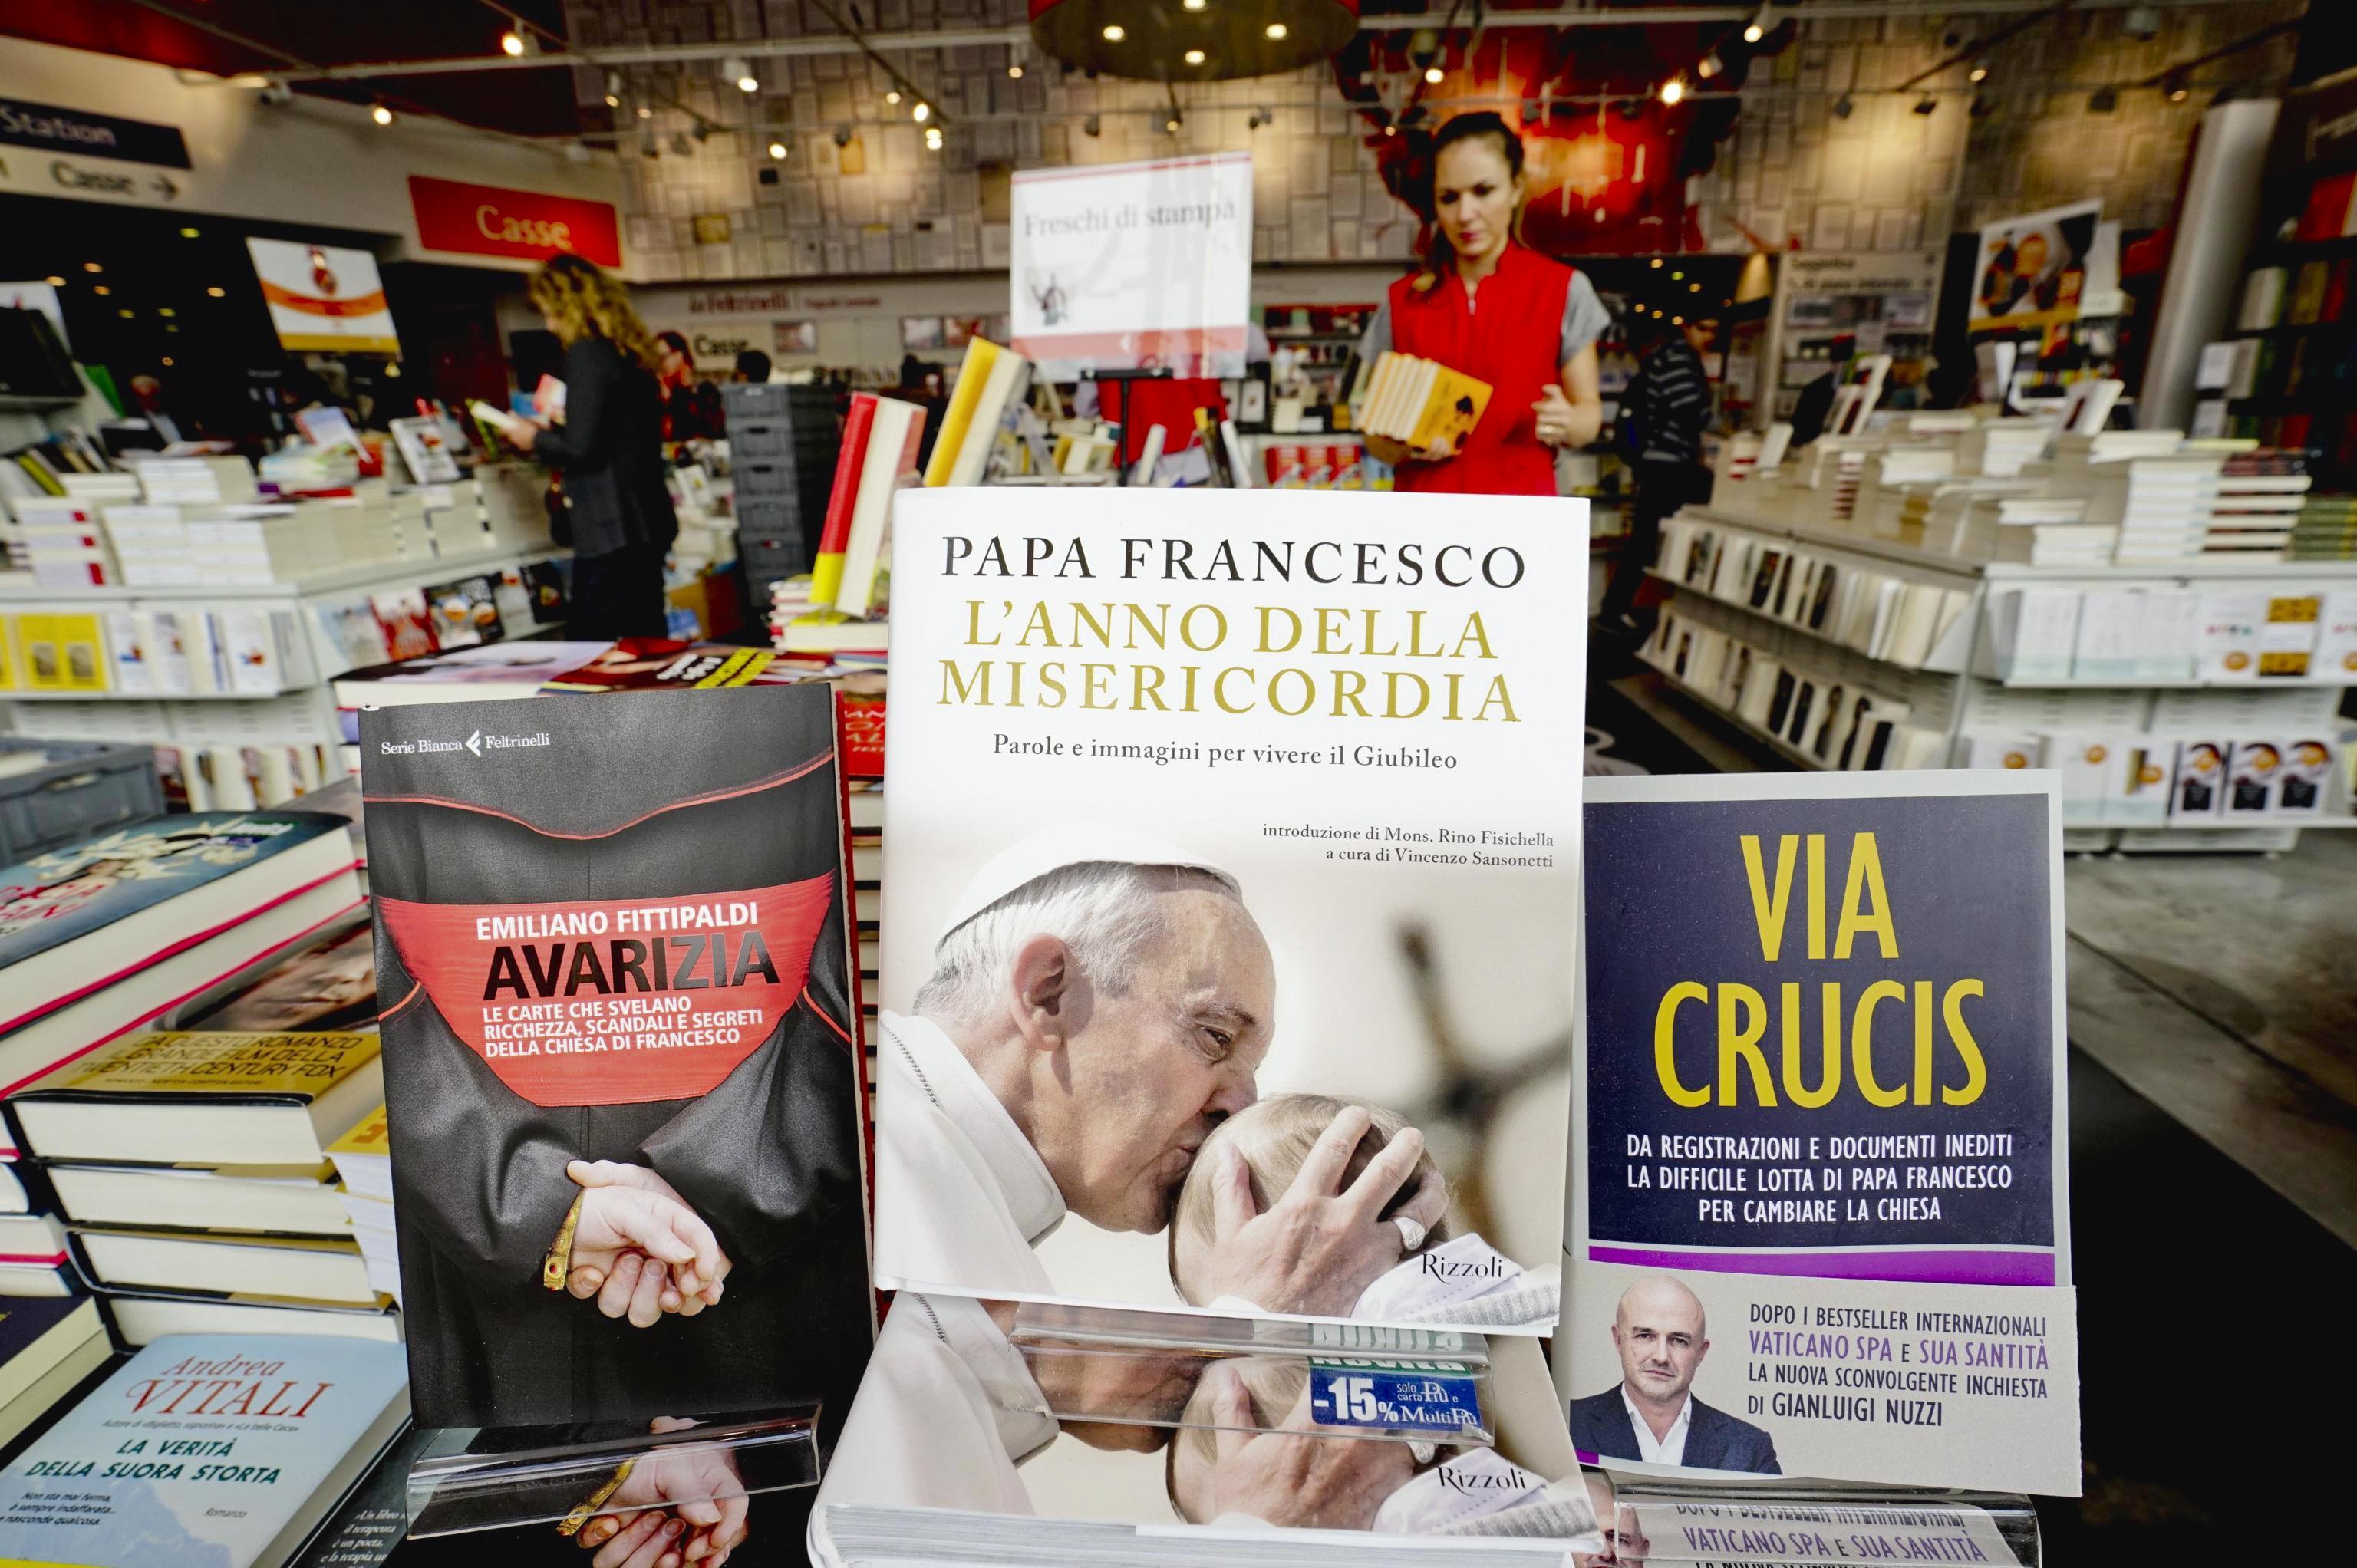 The books of Emiliano Fittipaldi 'Avarizia' and Gianluigi Nuzzi ' Via Crucis'